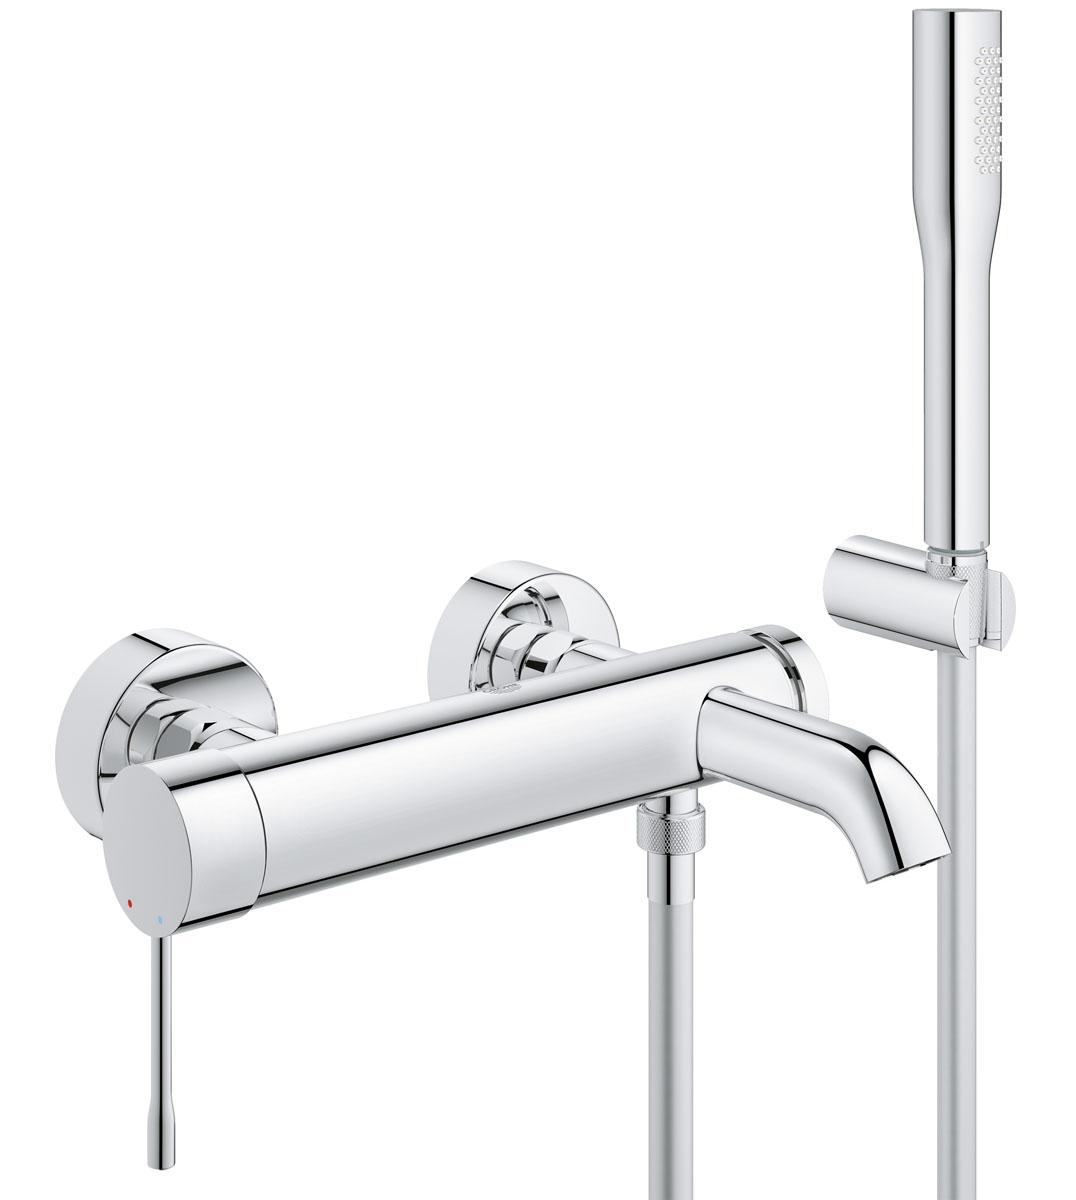 Смеситель для ванны Grohe Essence+, с душевым гарнитуром33628001Смеситель для ванны Grohe в комплекте с душевым гарнитуром сочетает в себе привлекательный дизайн со множеством функциональных преимуществ. Благодаря элегантным цилиндрическим формам и сияющему хромированному покрытию StarLight, этот однорычажный смеситель отличается эффектным внешним видом и одновременно с этим может похвастаться высоким уровнем функциональности. Технология SilkMove обеспечивает ему легкость в управлении. Встроенный переключатель позволяет плавно перенаправлять струю воды между выпусками для ванны и душа. В комплект данного смесителя настенного монтажа также входит настенное крепление для ручного душа Tempesta 100 Cosmopolitan, ручной душ Euphoria Cosmopolitan Stick с расходом воды не более 9,5 литров в минуту и душевой шланг Silverflex длиной 1500 мм с защитой от перекручивания TwistFree.